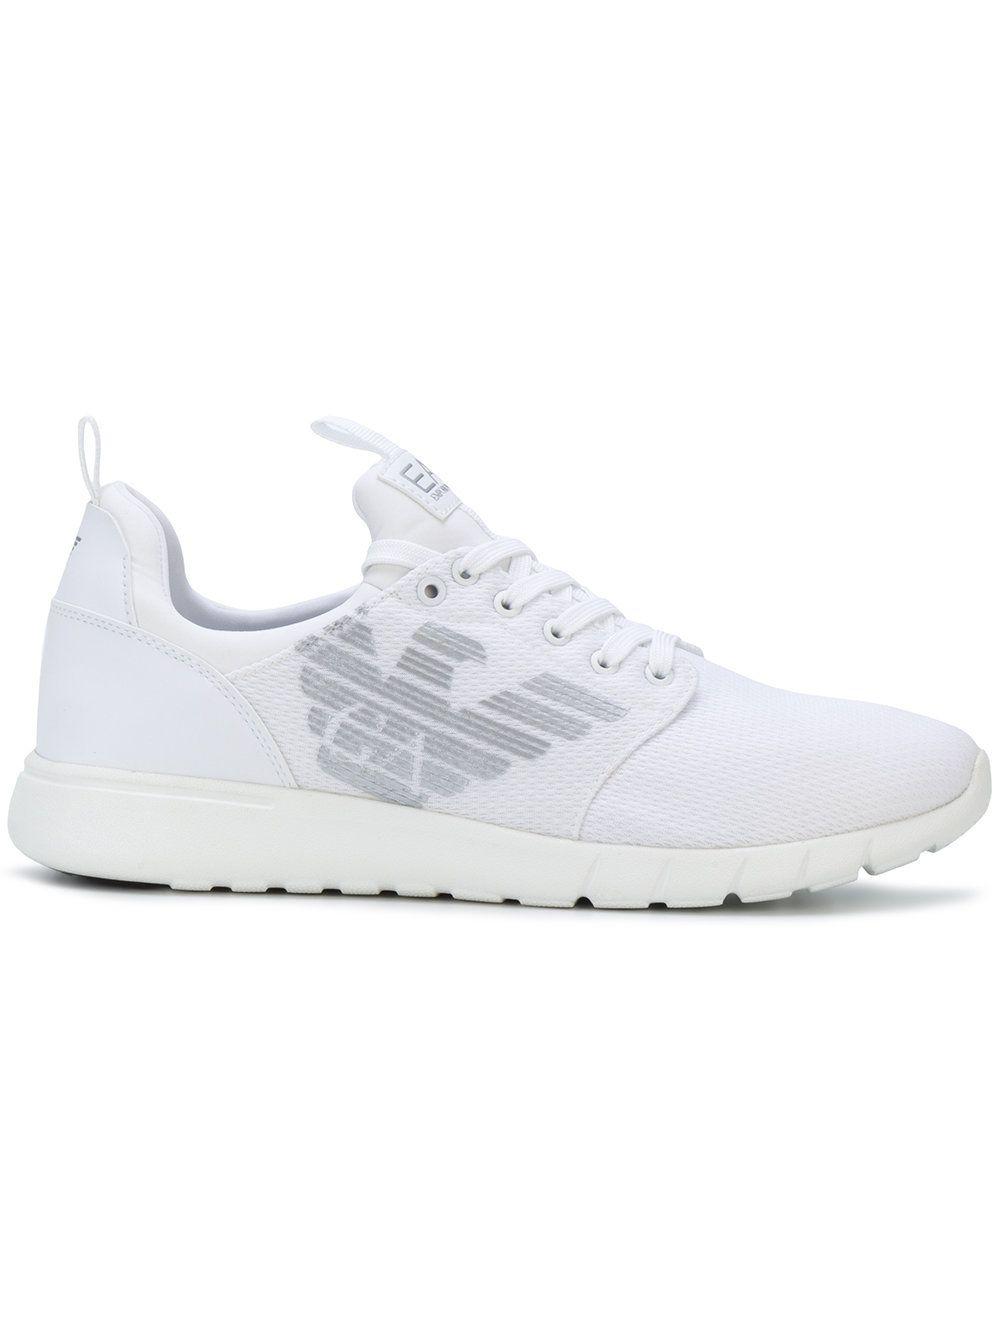 70e92d233f4e EA7 EMPORIO ARMANI .  ea7emporioarmani  shoes